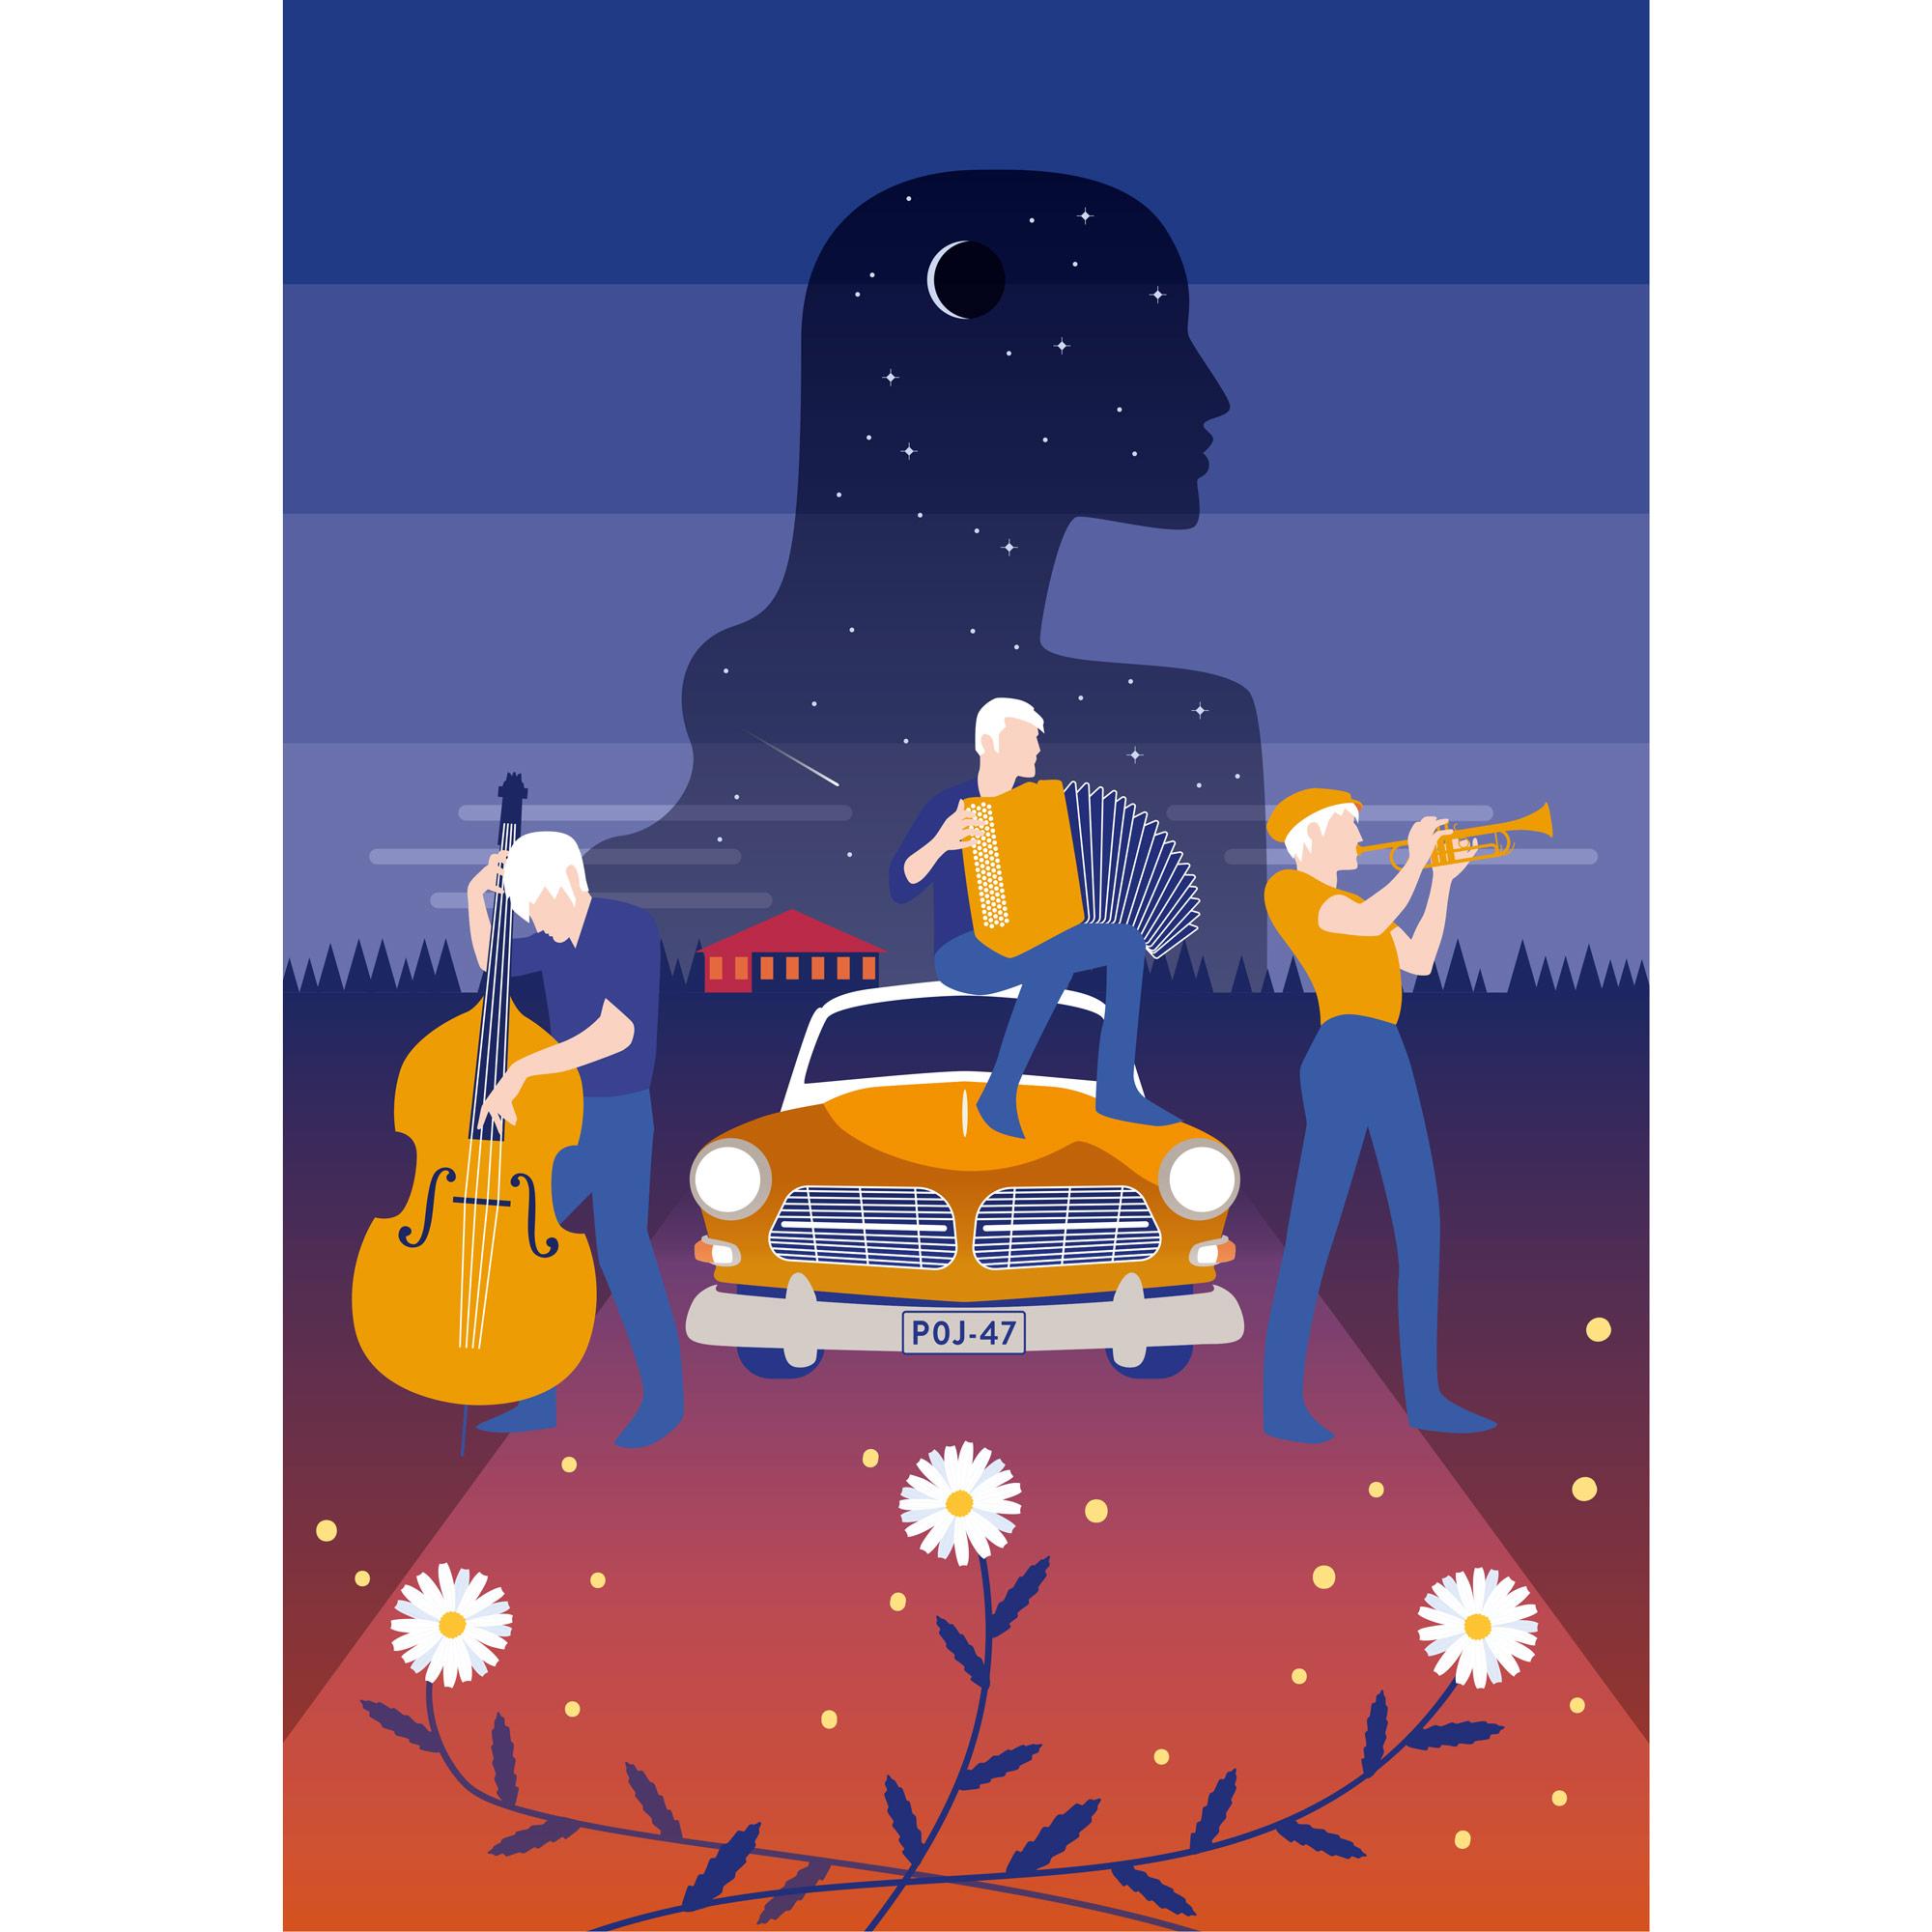 Illustration for Tangopojat